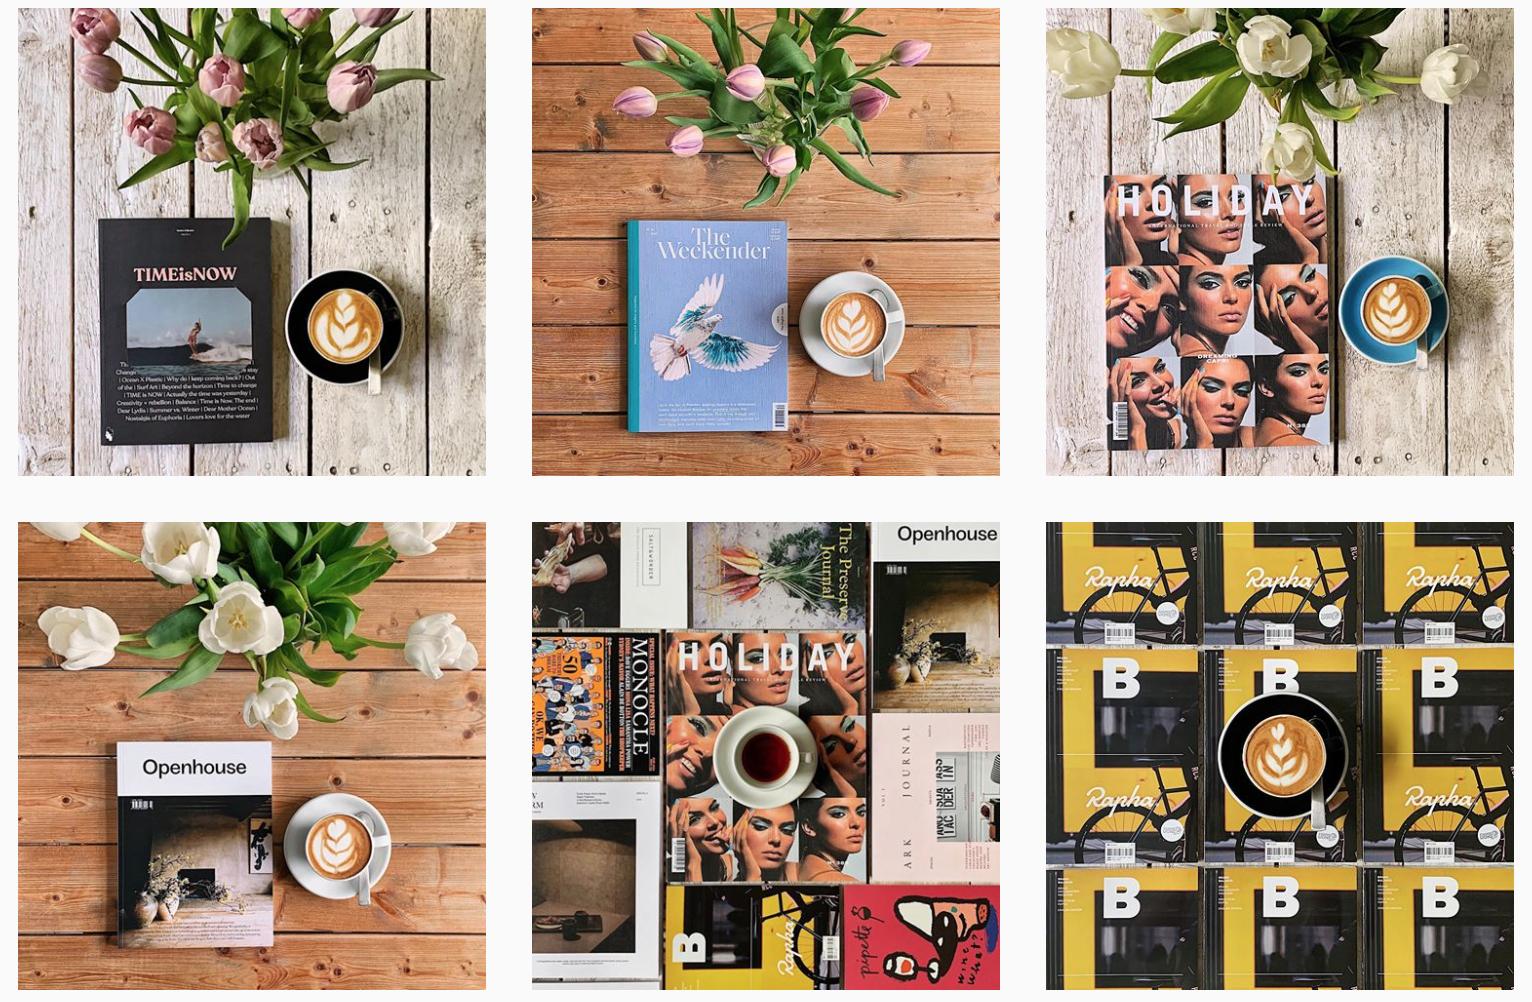 Gli account Instagram per giudicare i libri (anche) dalla copertina